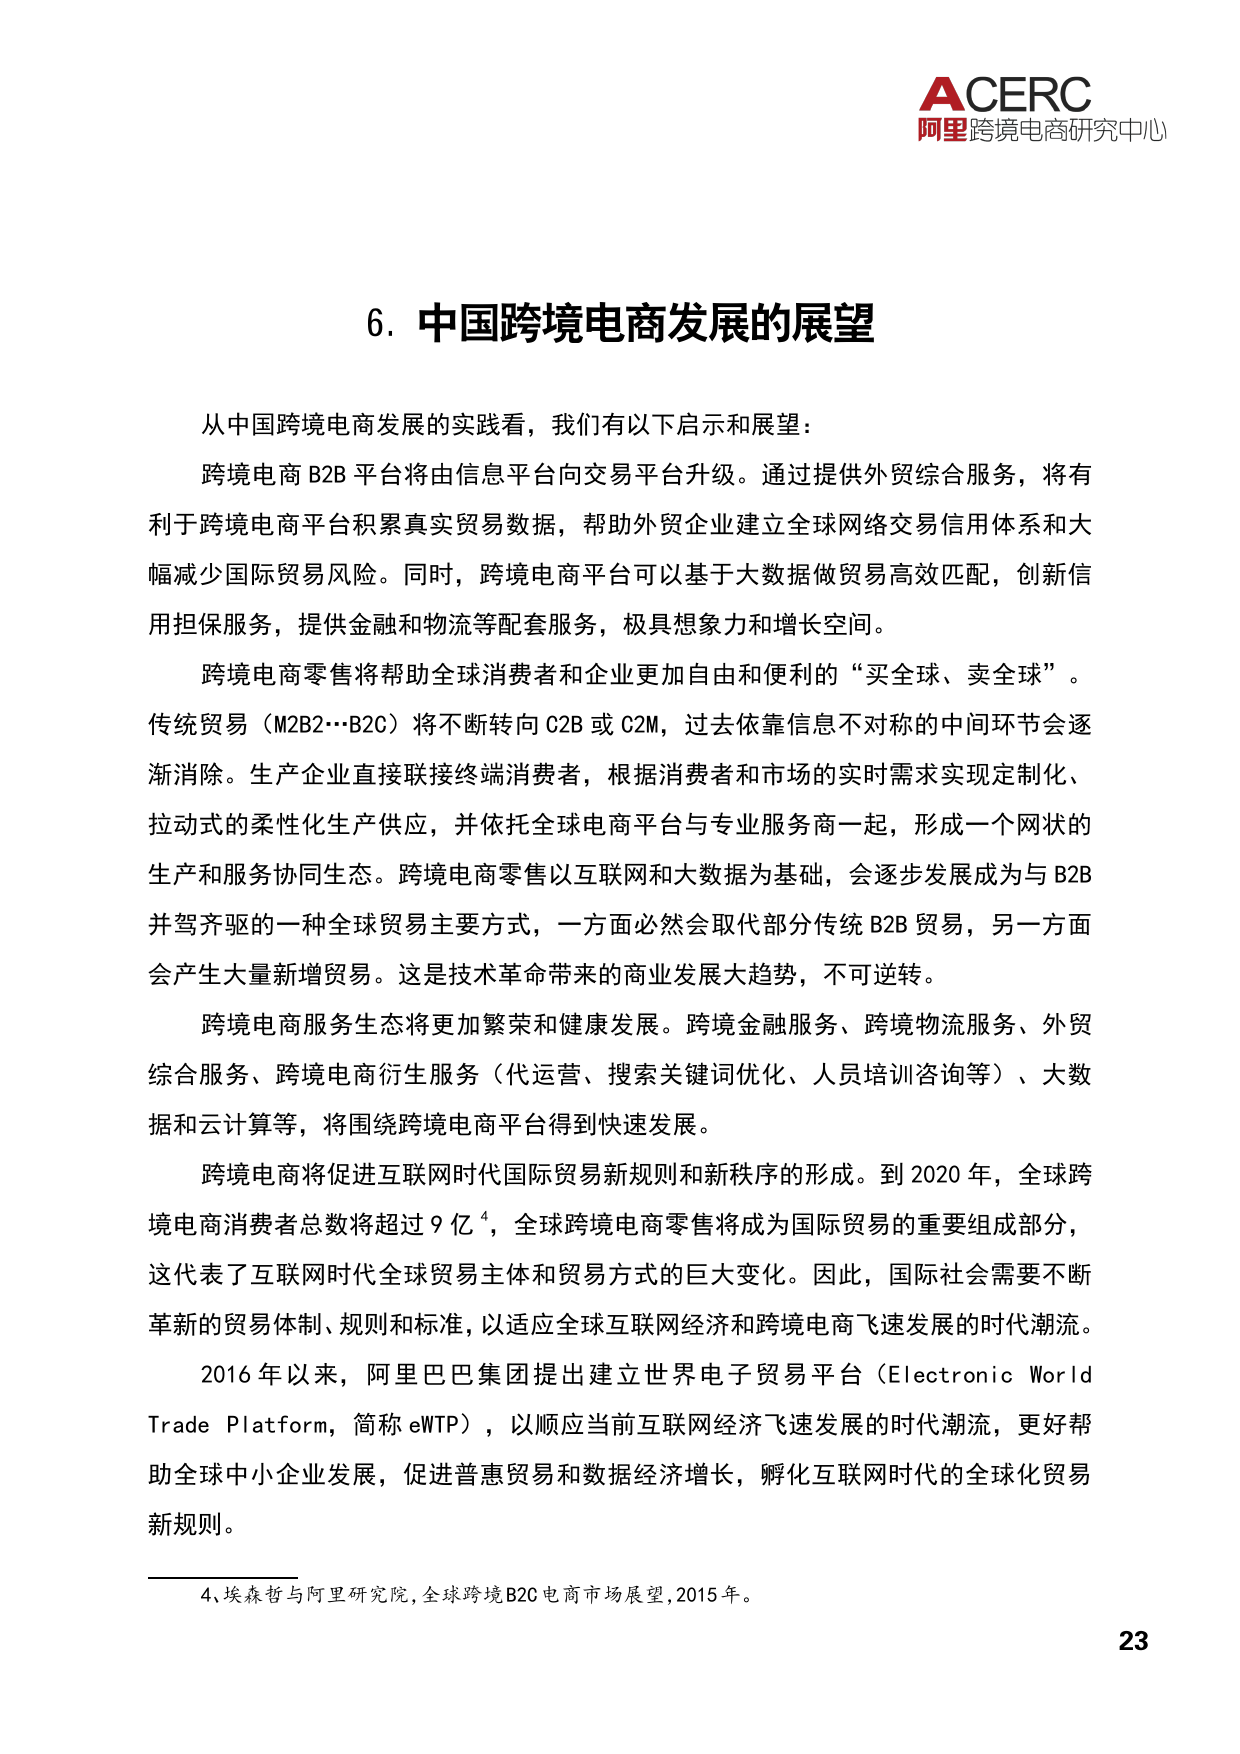 2016中国跨境电商发展报告_000027